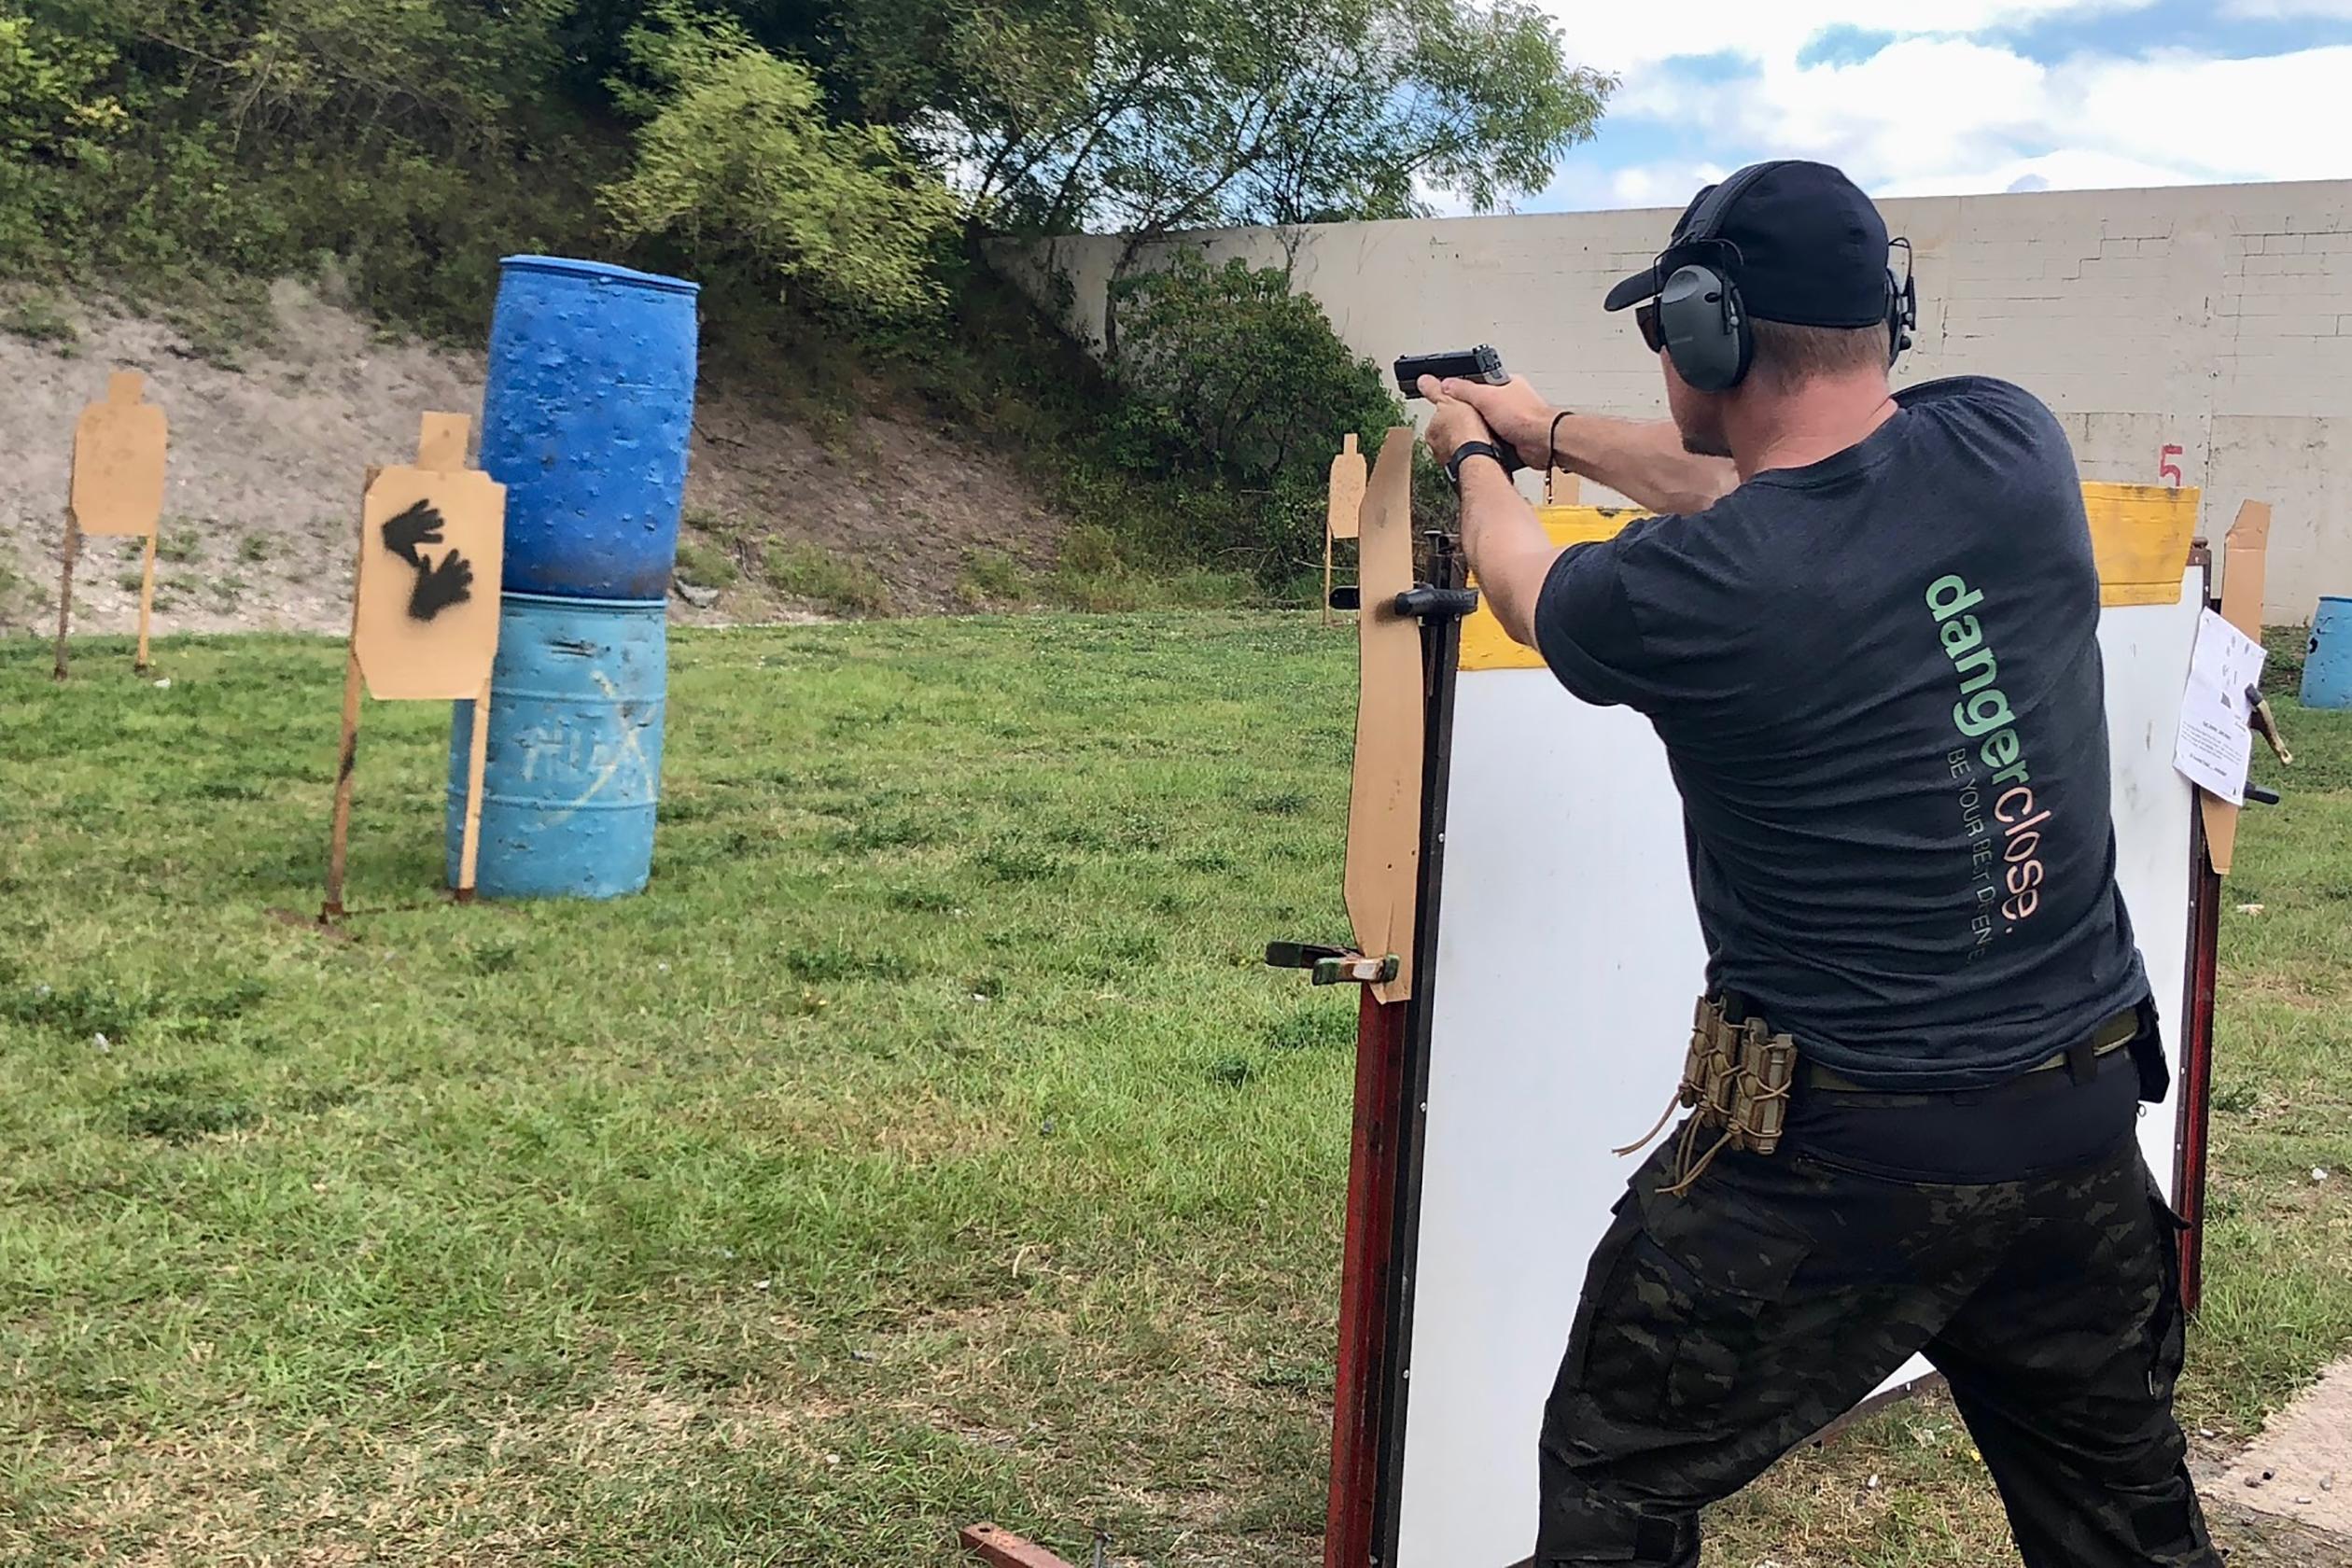 Glock 19 Versus Sig P320: Which Gun Wins This Epic Battle?